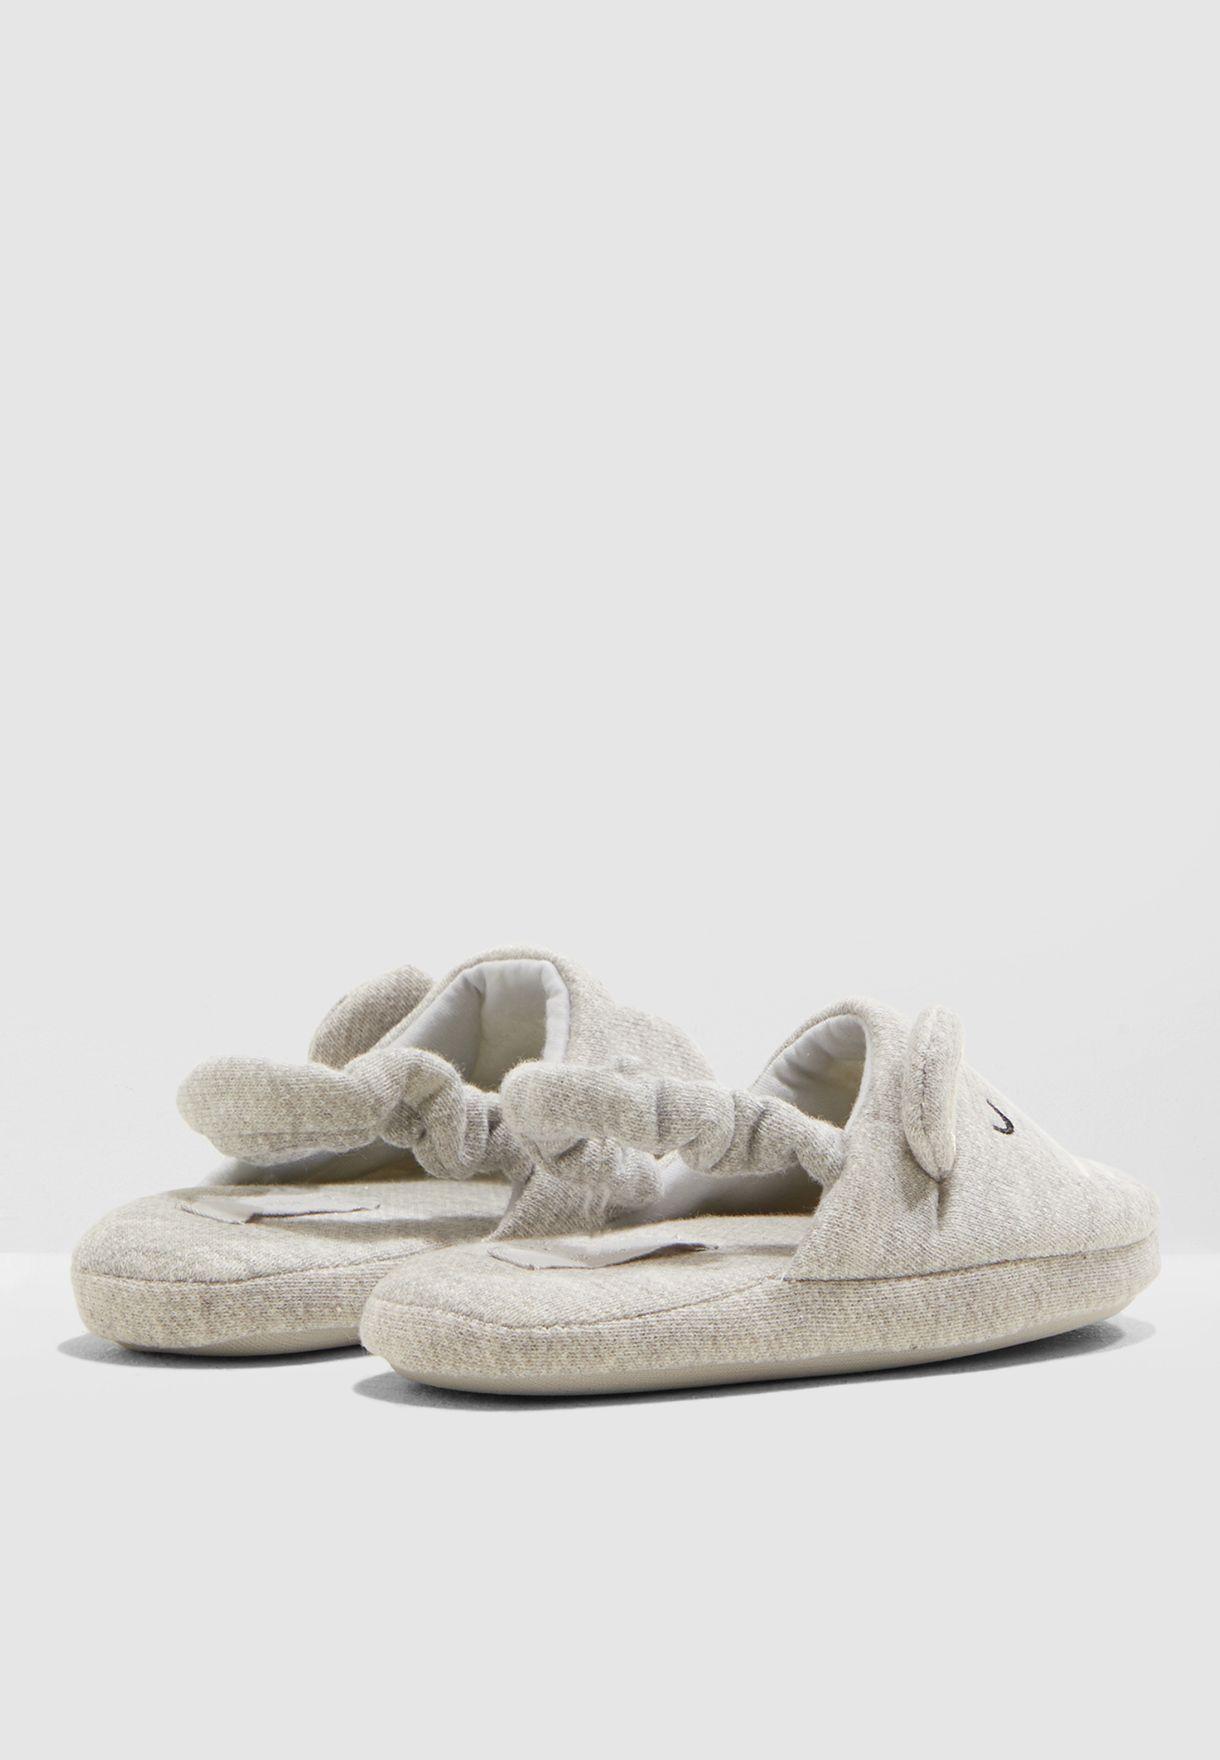 حذاء مزين بفرو عشكل قطة